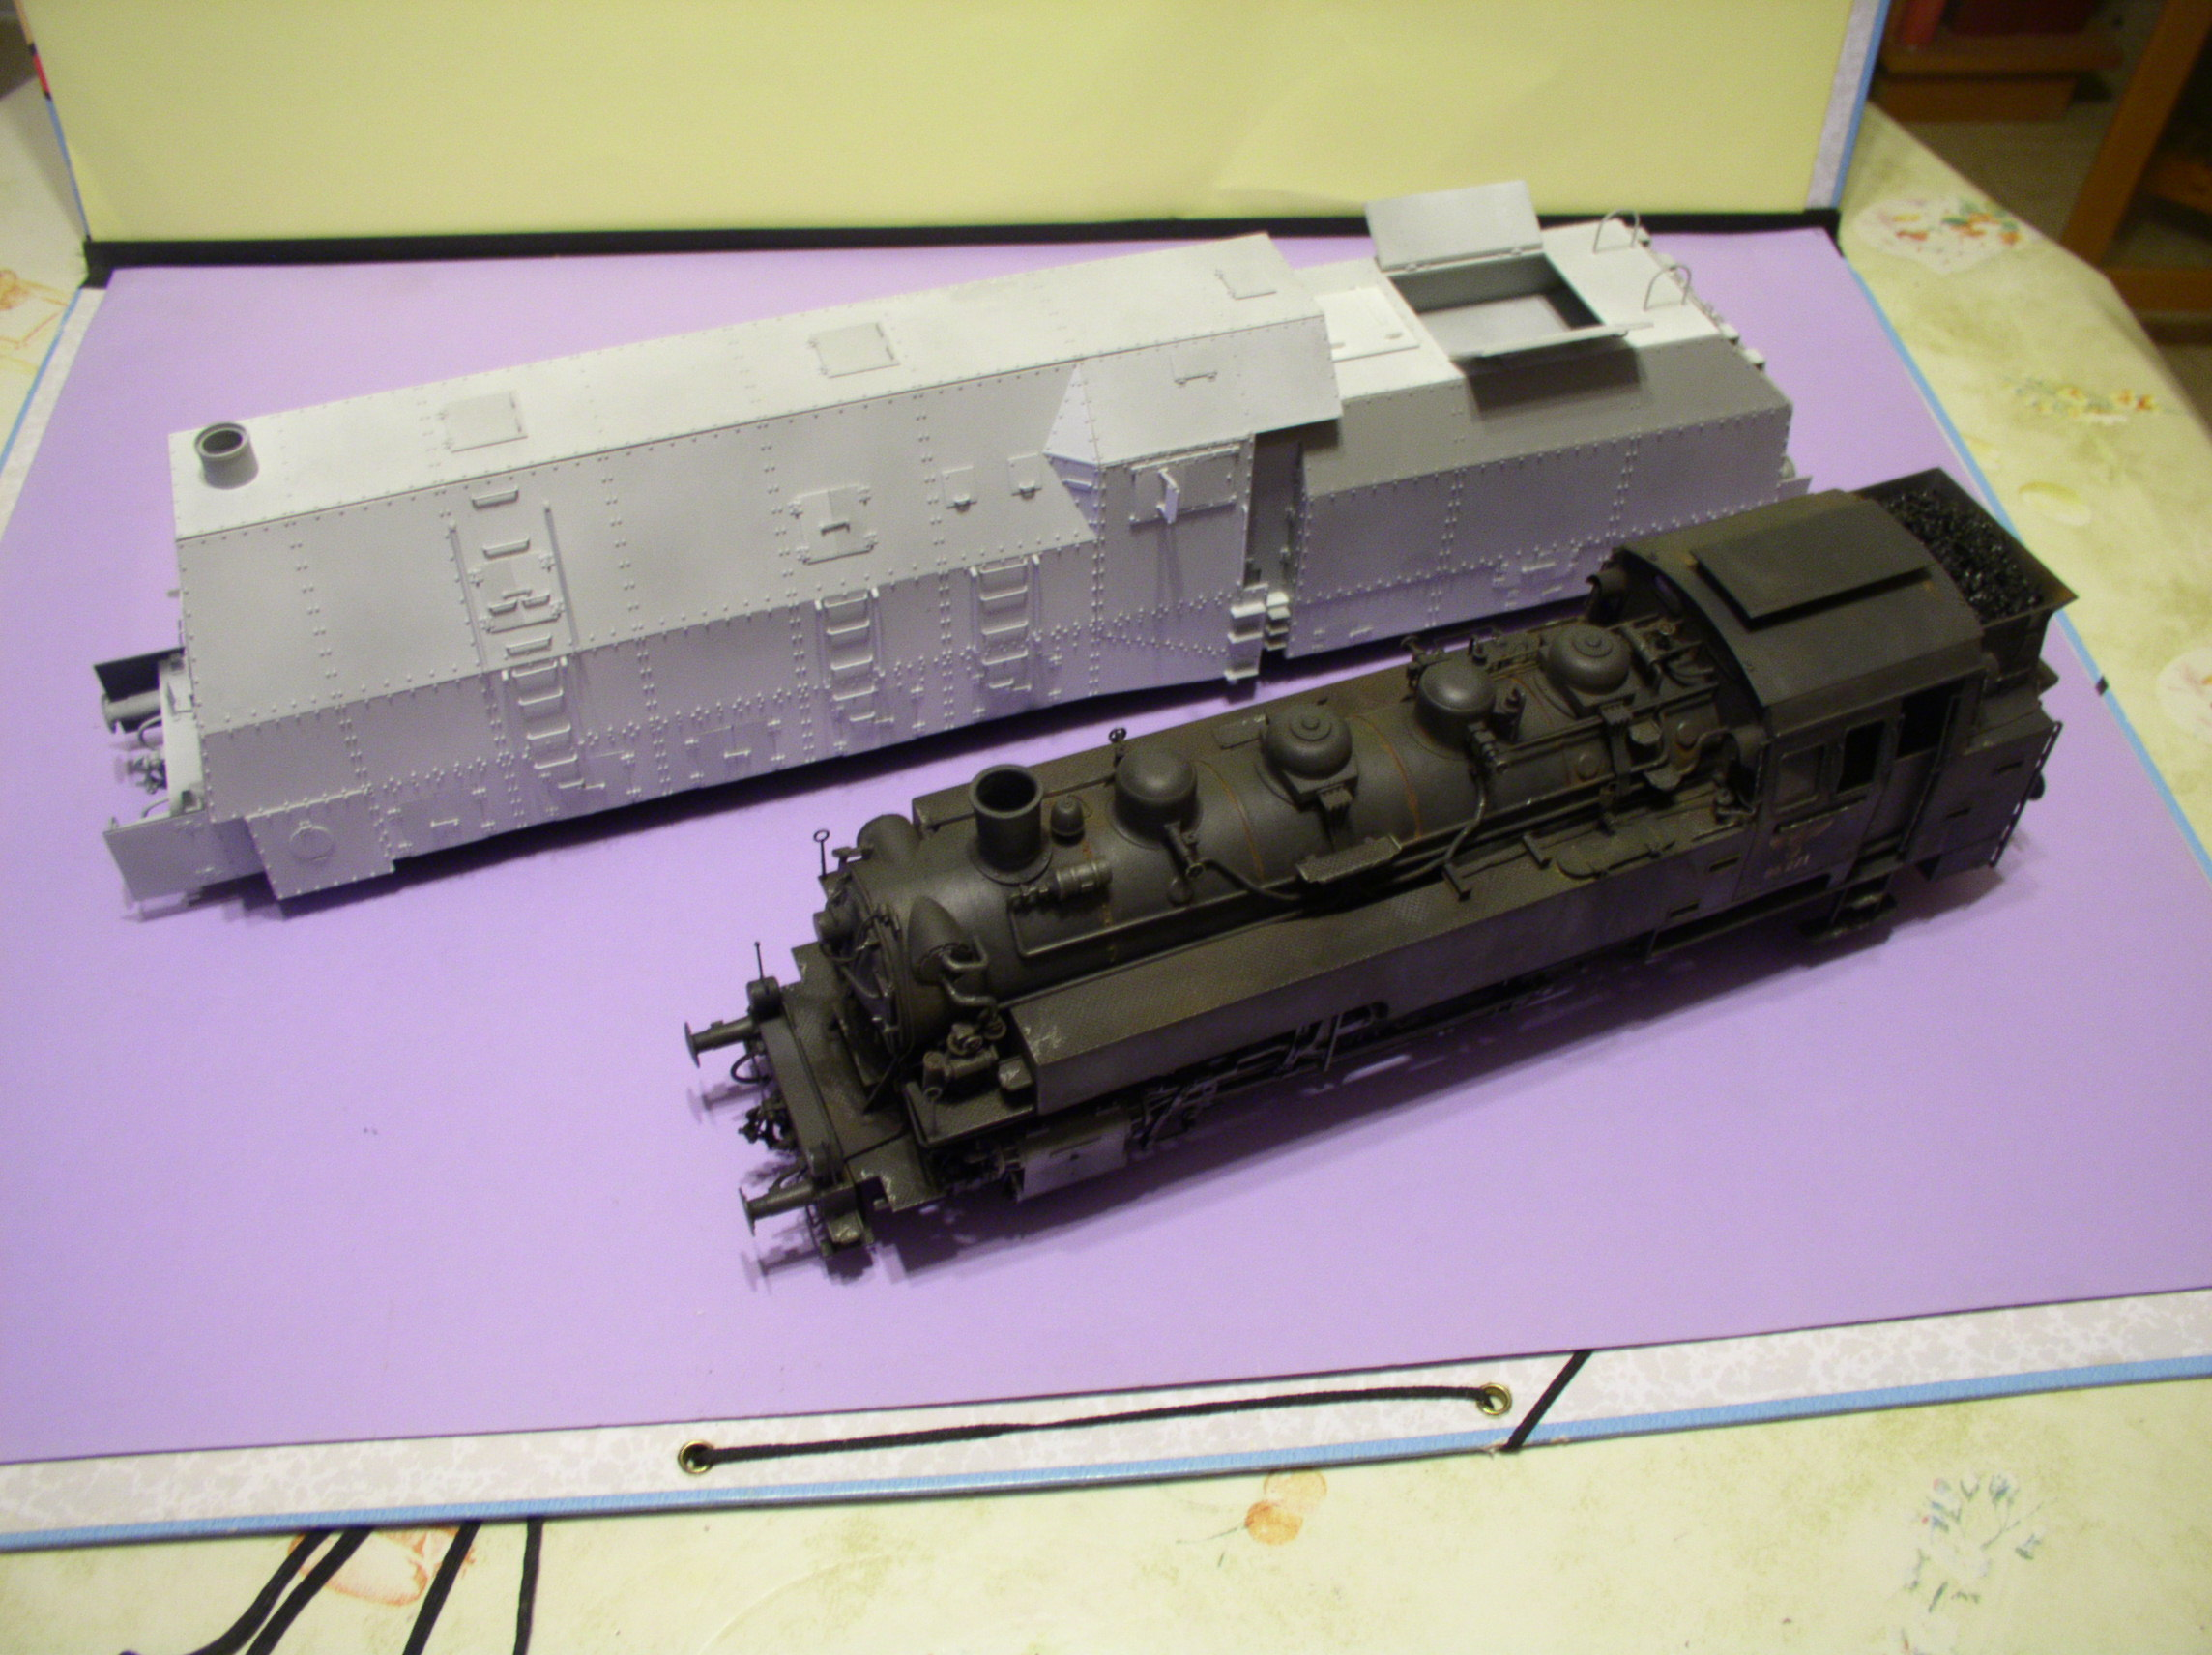 peinture - (Thunderbird) BR 57 Baureihe Panzerlok (Peinture en cours)  - Page 2 138kbc